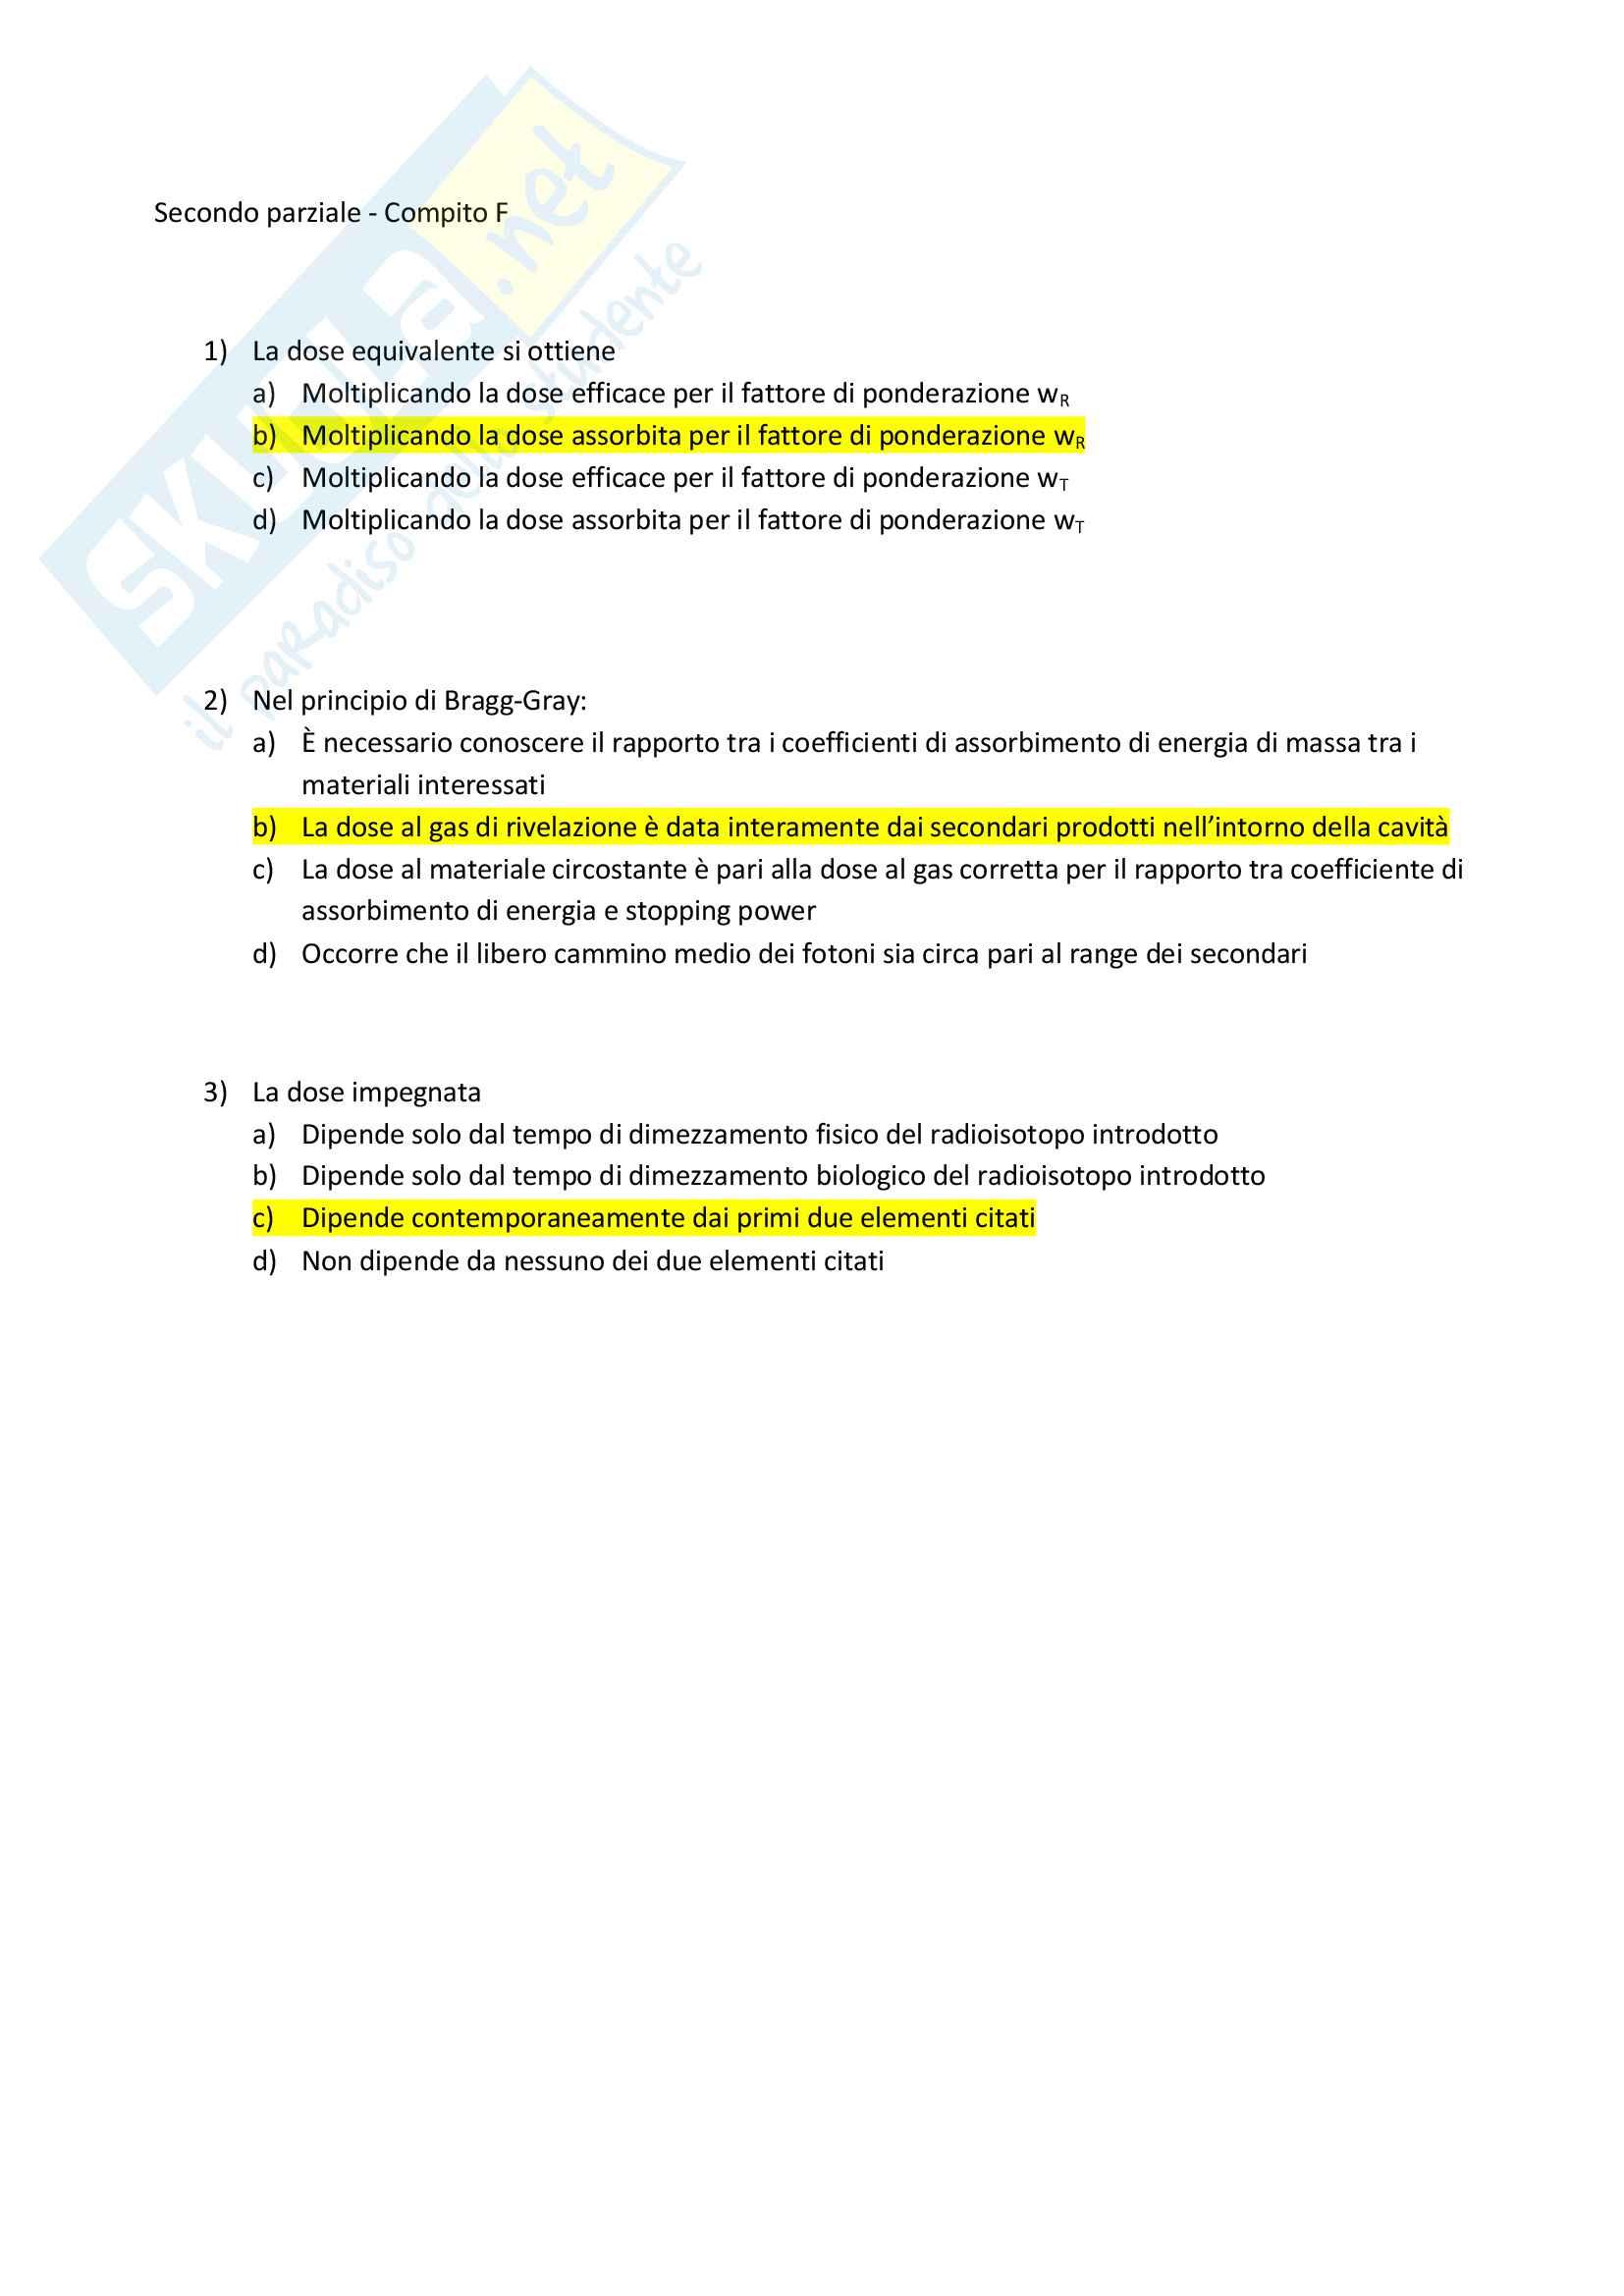 Appunti e Simulazioni d'esame di Radioprotezione T Pag. 21